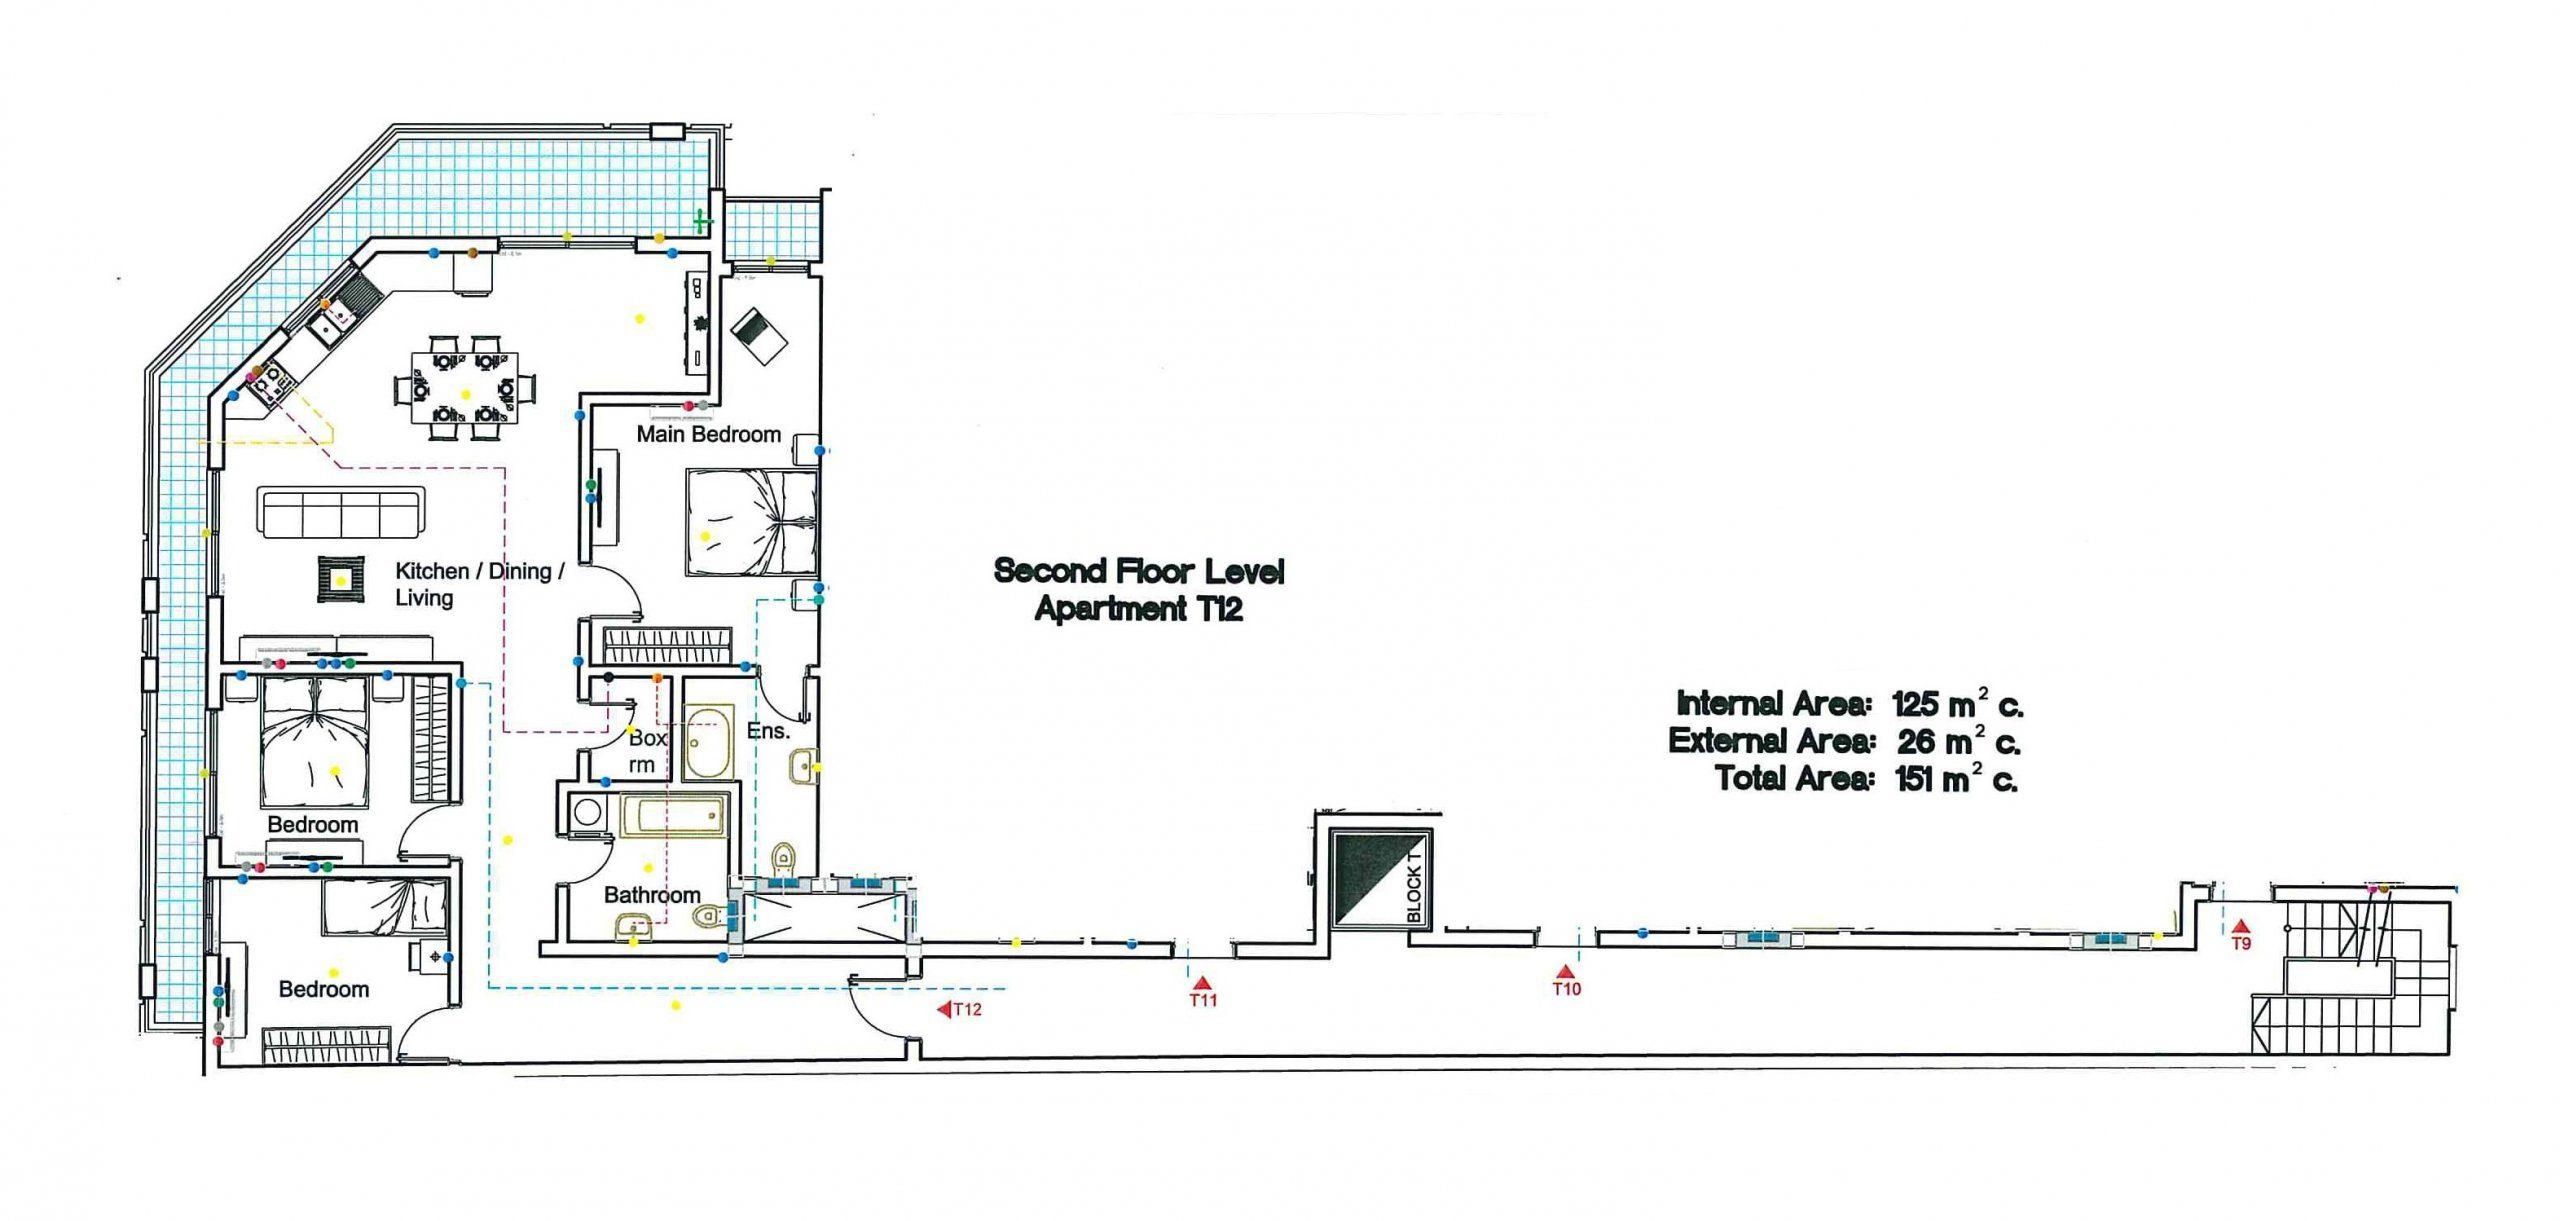 T12 Second Floor